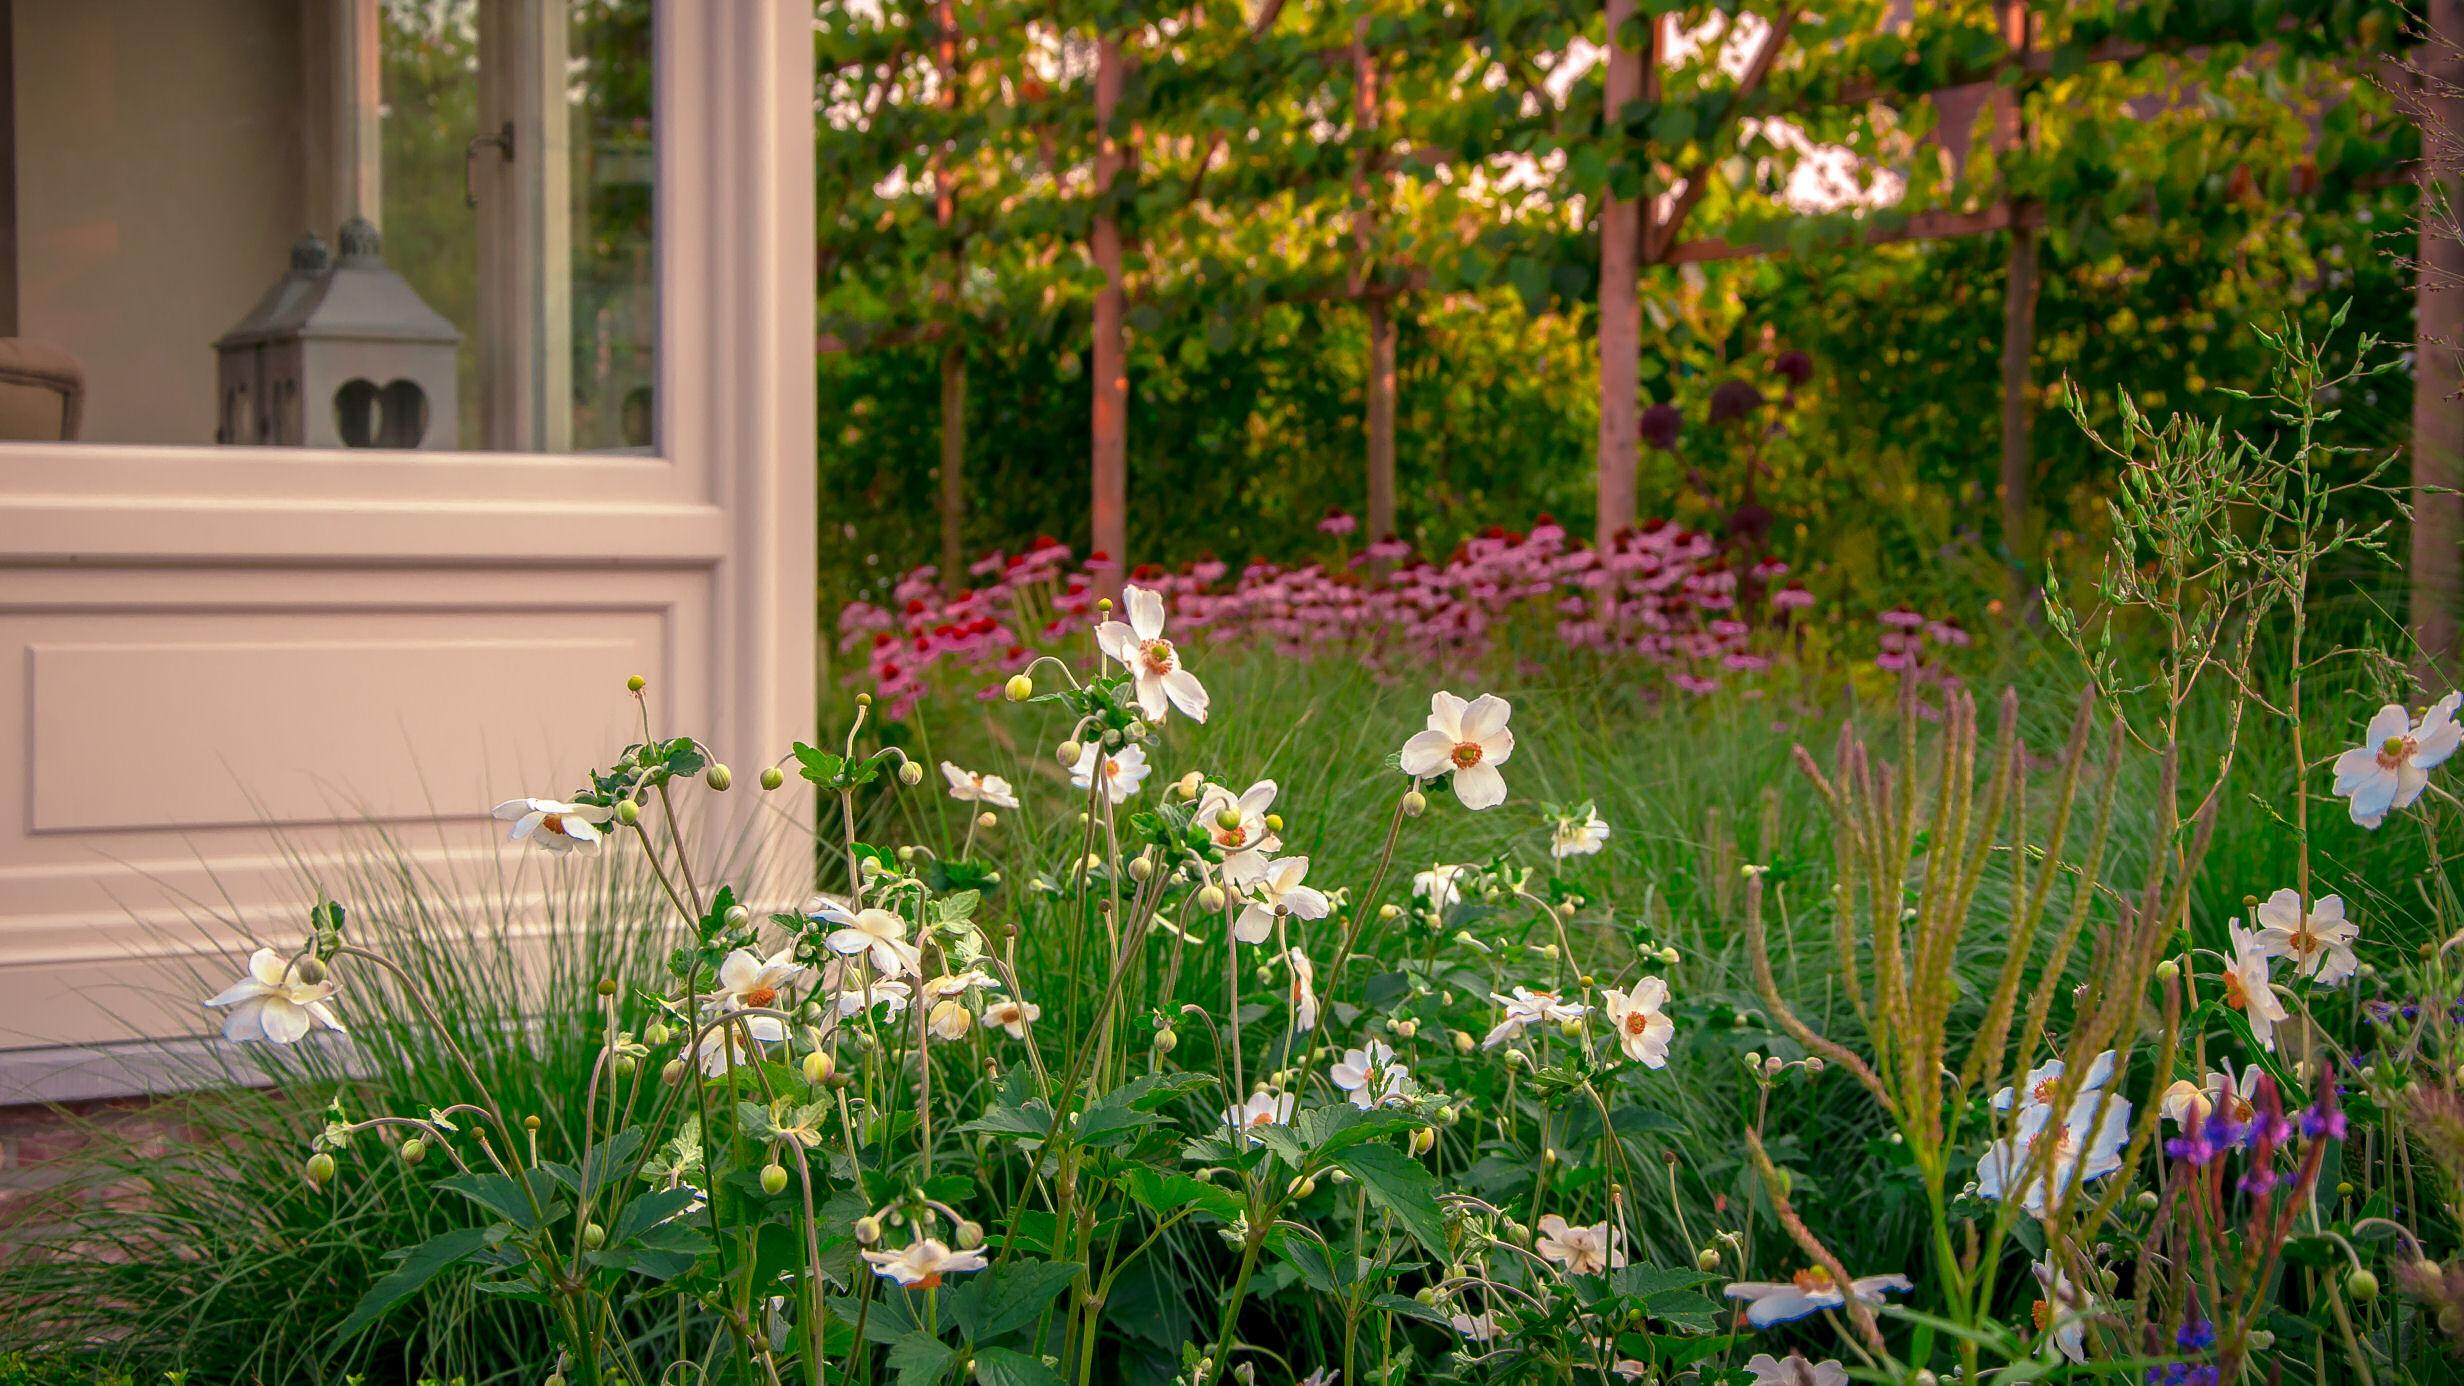 tuinontwerp, tuinaanleg, bloemen, tuinarchitect, tuinaannemer